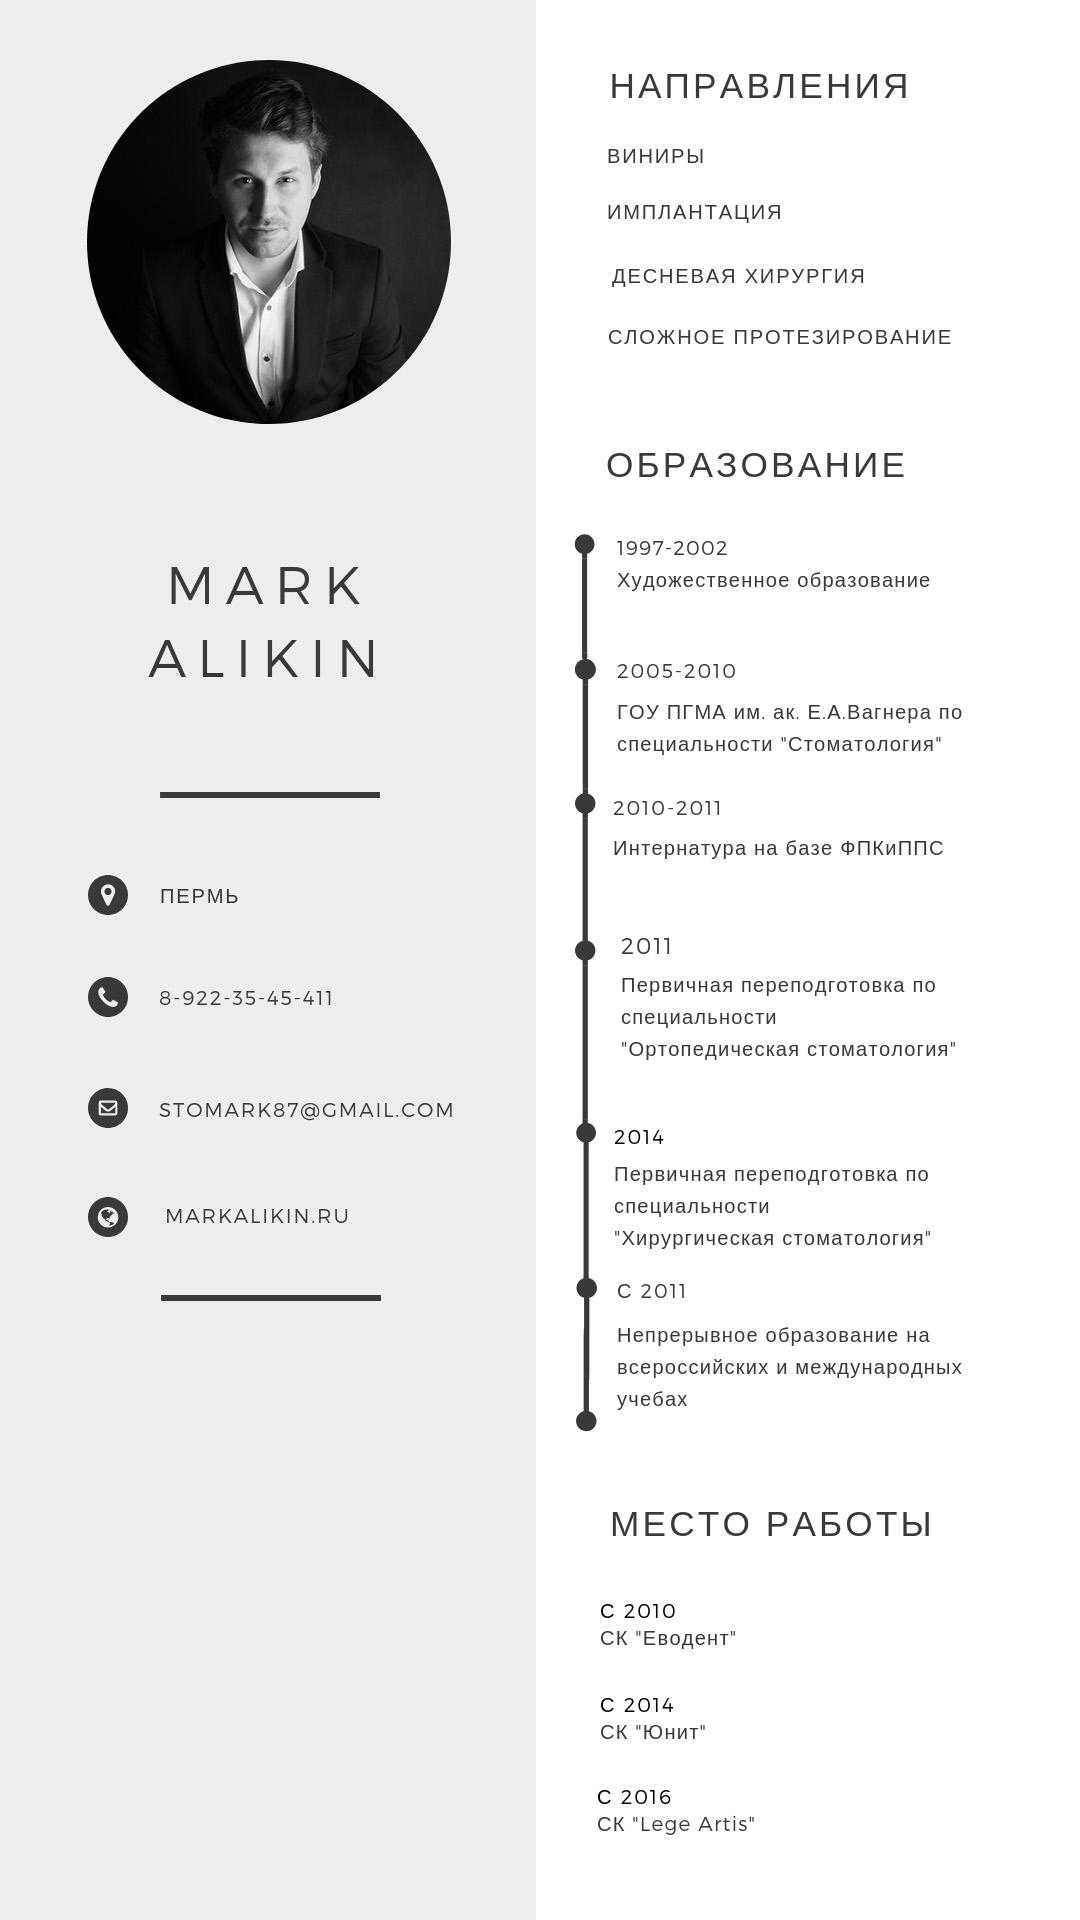 Mark_Alikin